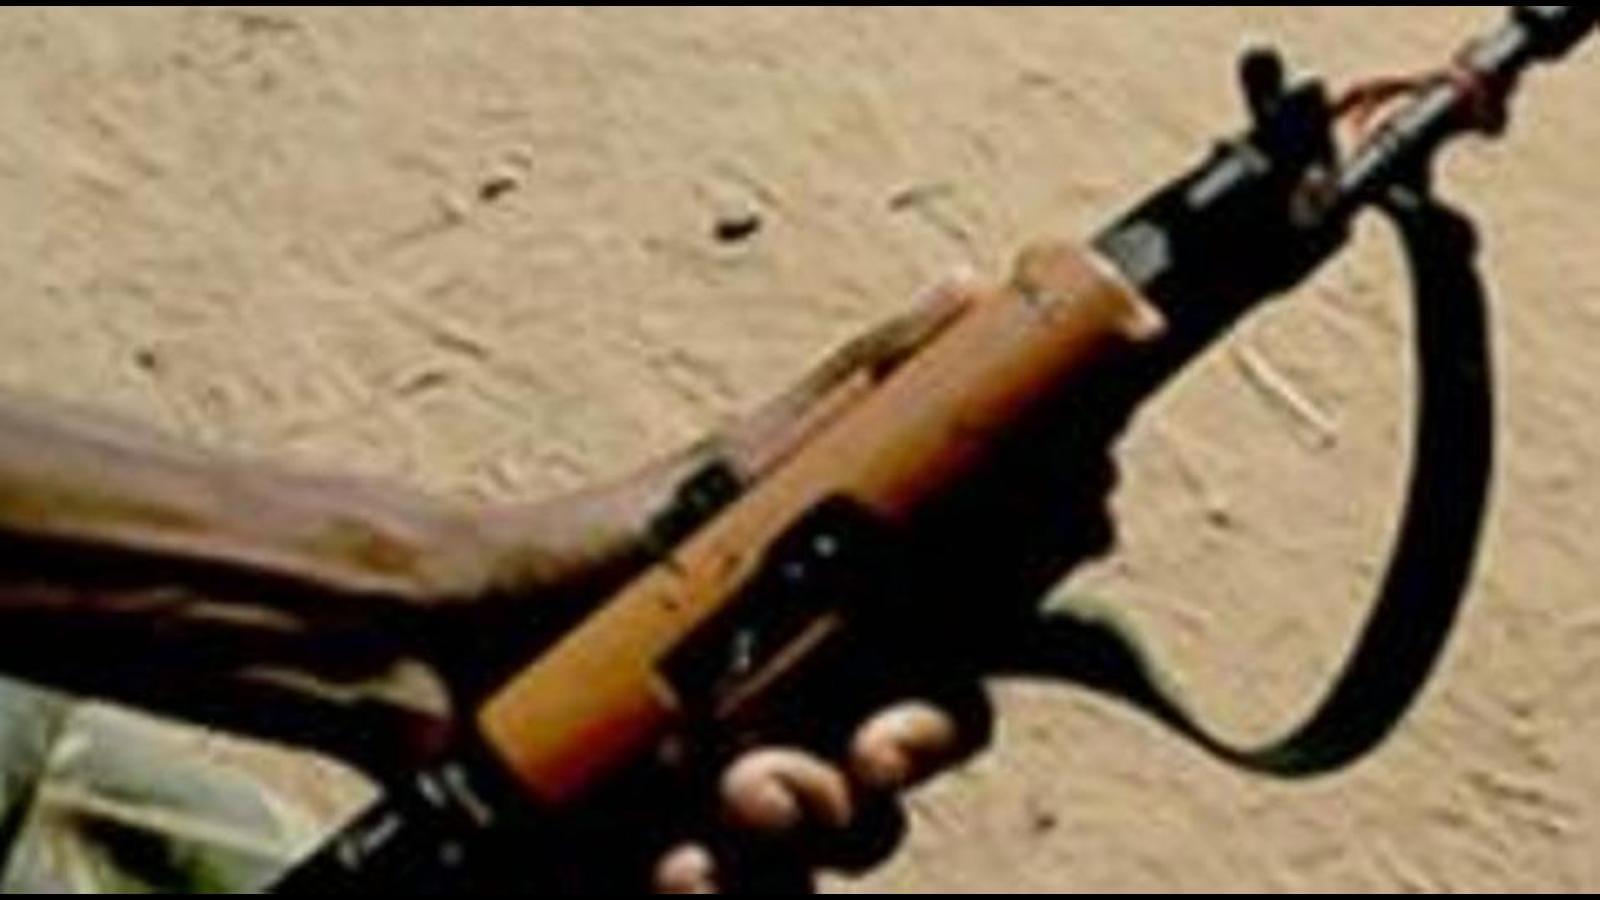 Two Maoists killed in encounter in Chhattisgarh's Dantewada district